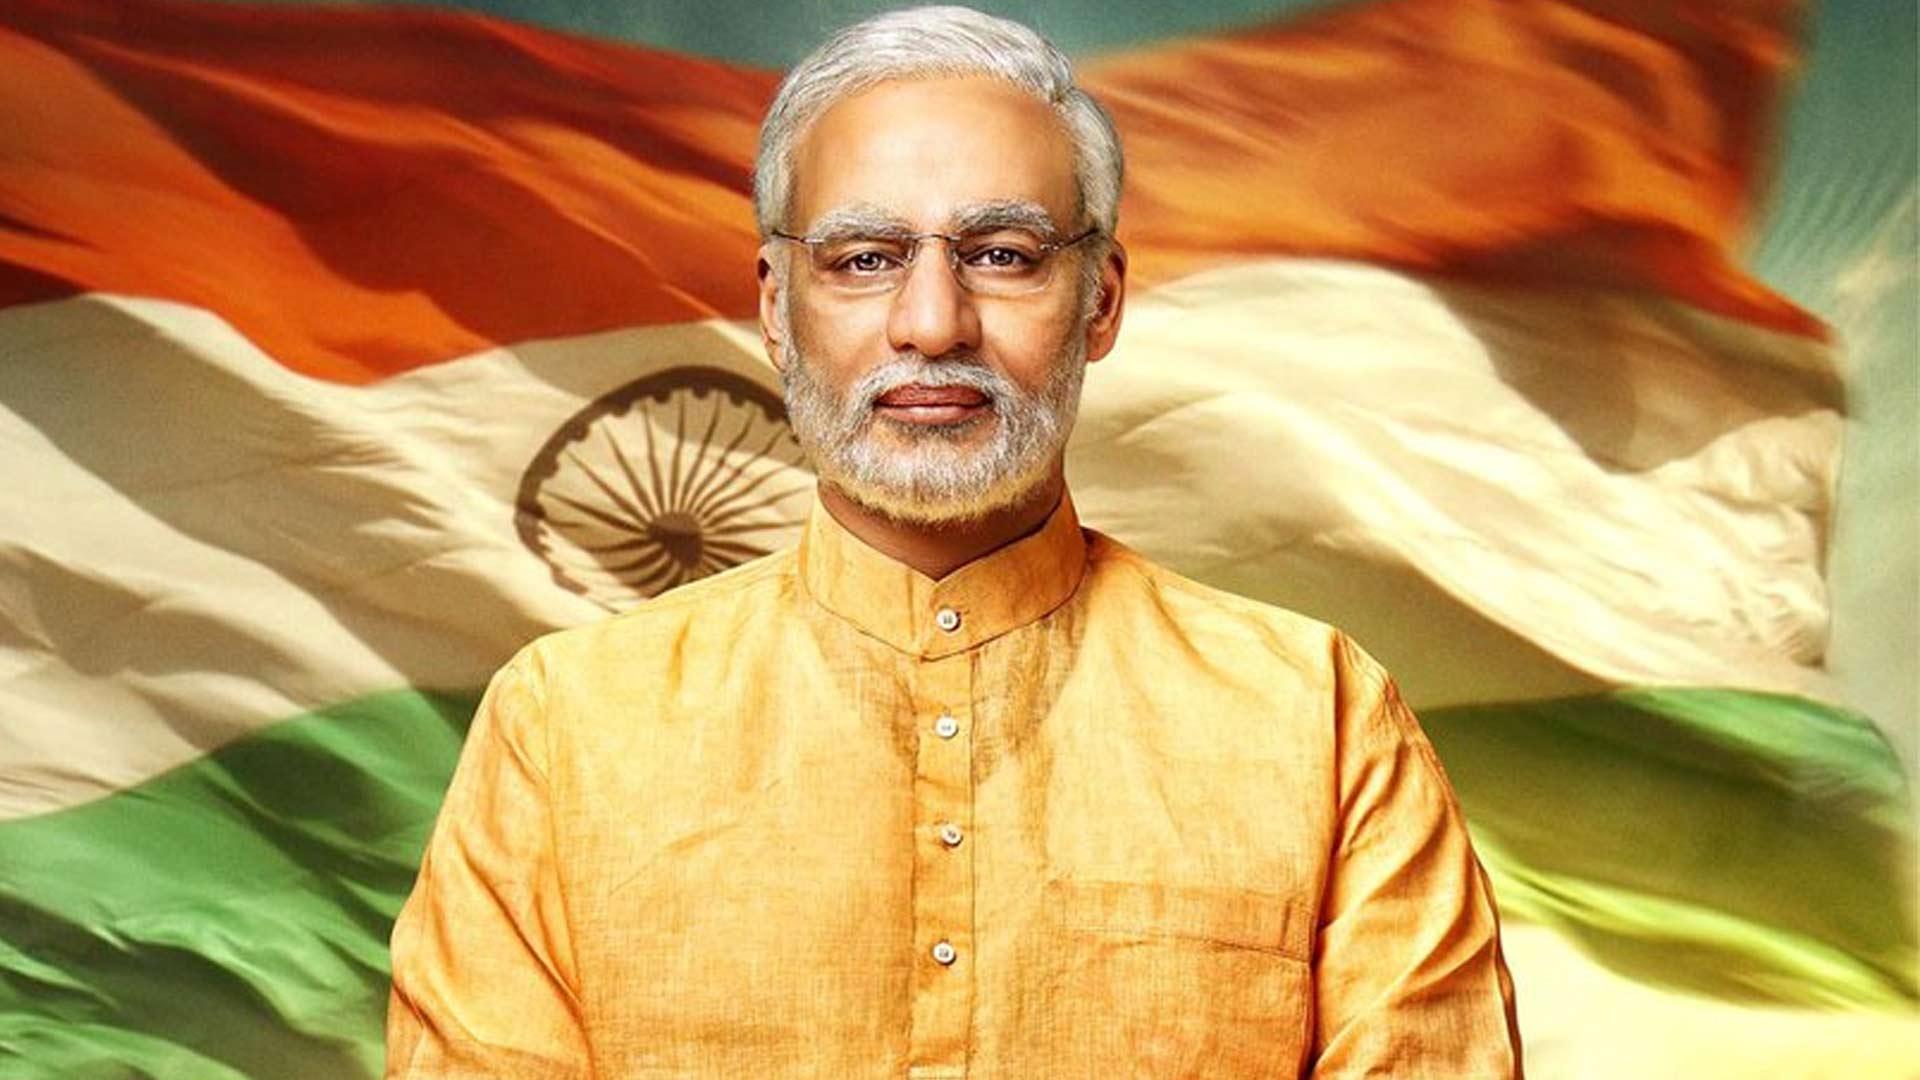 PM नरेंद्र मोदी की बायोपिक में हुई इस एक्टर की एंट्री, जल्द शुरू होगी शूटिंग